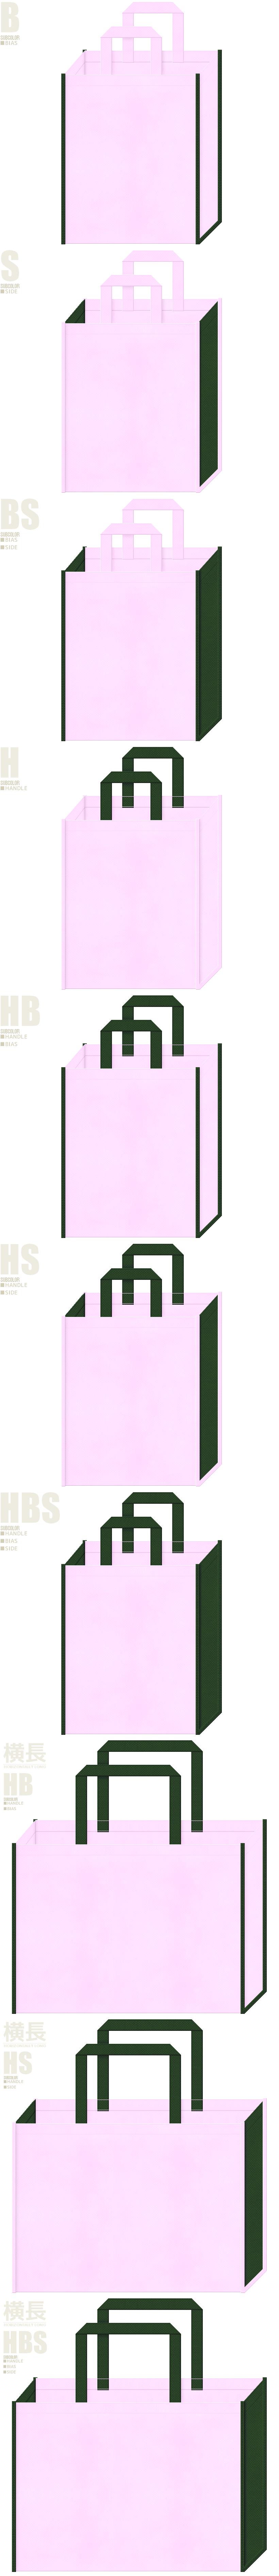 学校・学園・オープンキャンパス・振袖・卒業・桜・メモリー・写真館・和風催事にお奨めの不織布バッグのデザイン:パステルピンク色と濃緑色の配色7パターン